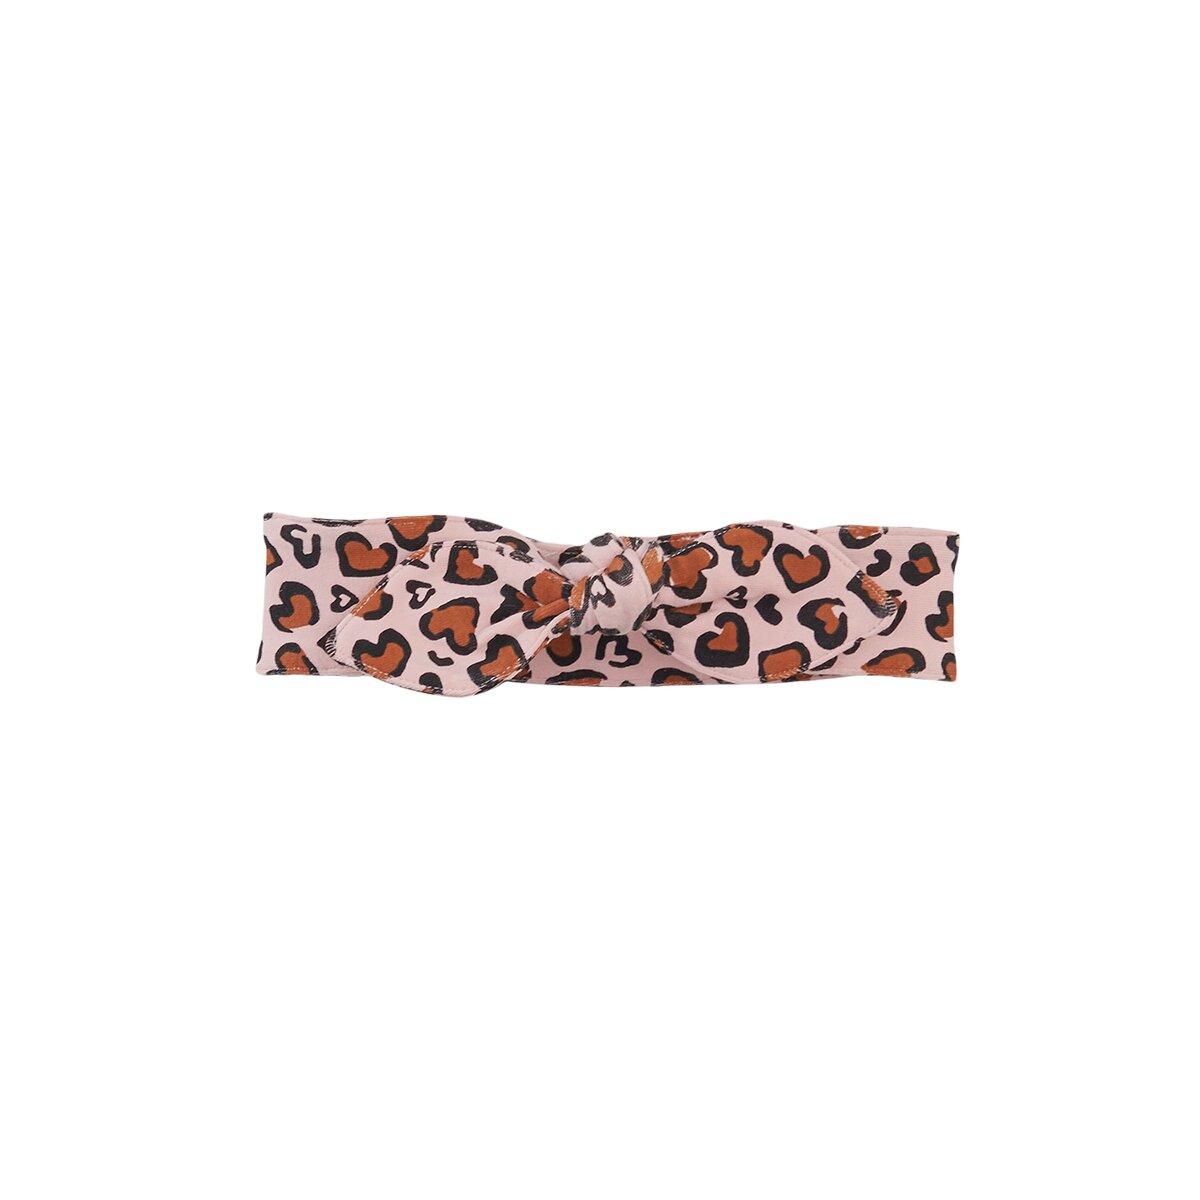 z8-newbornproducts200056peking-leopard